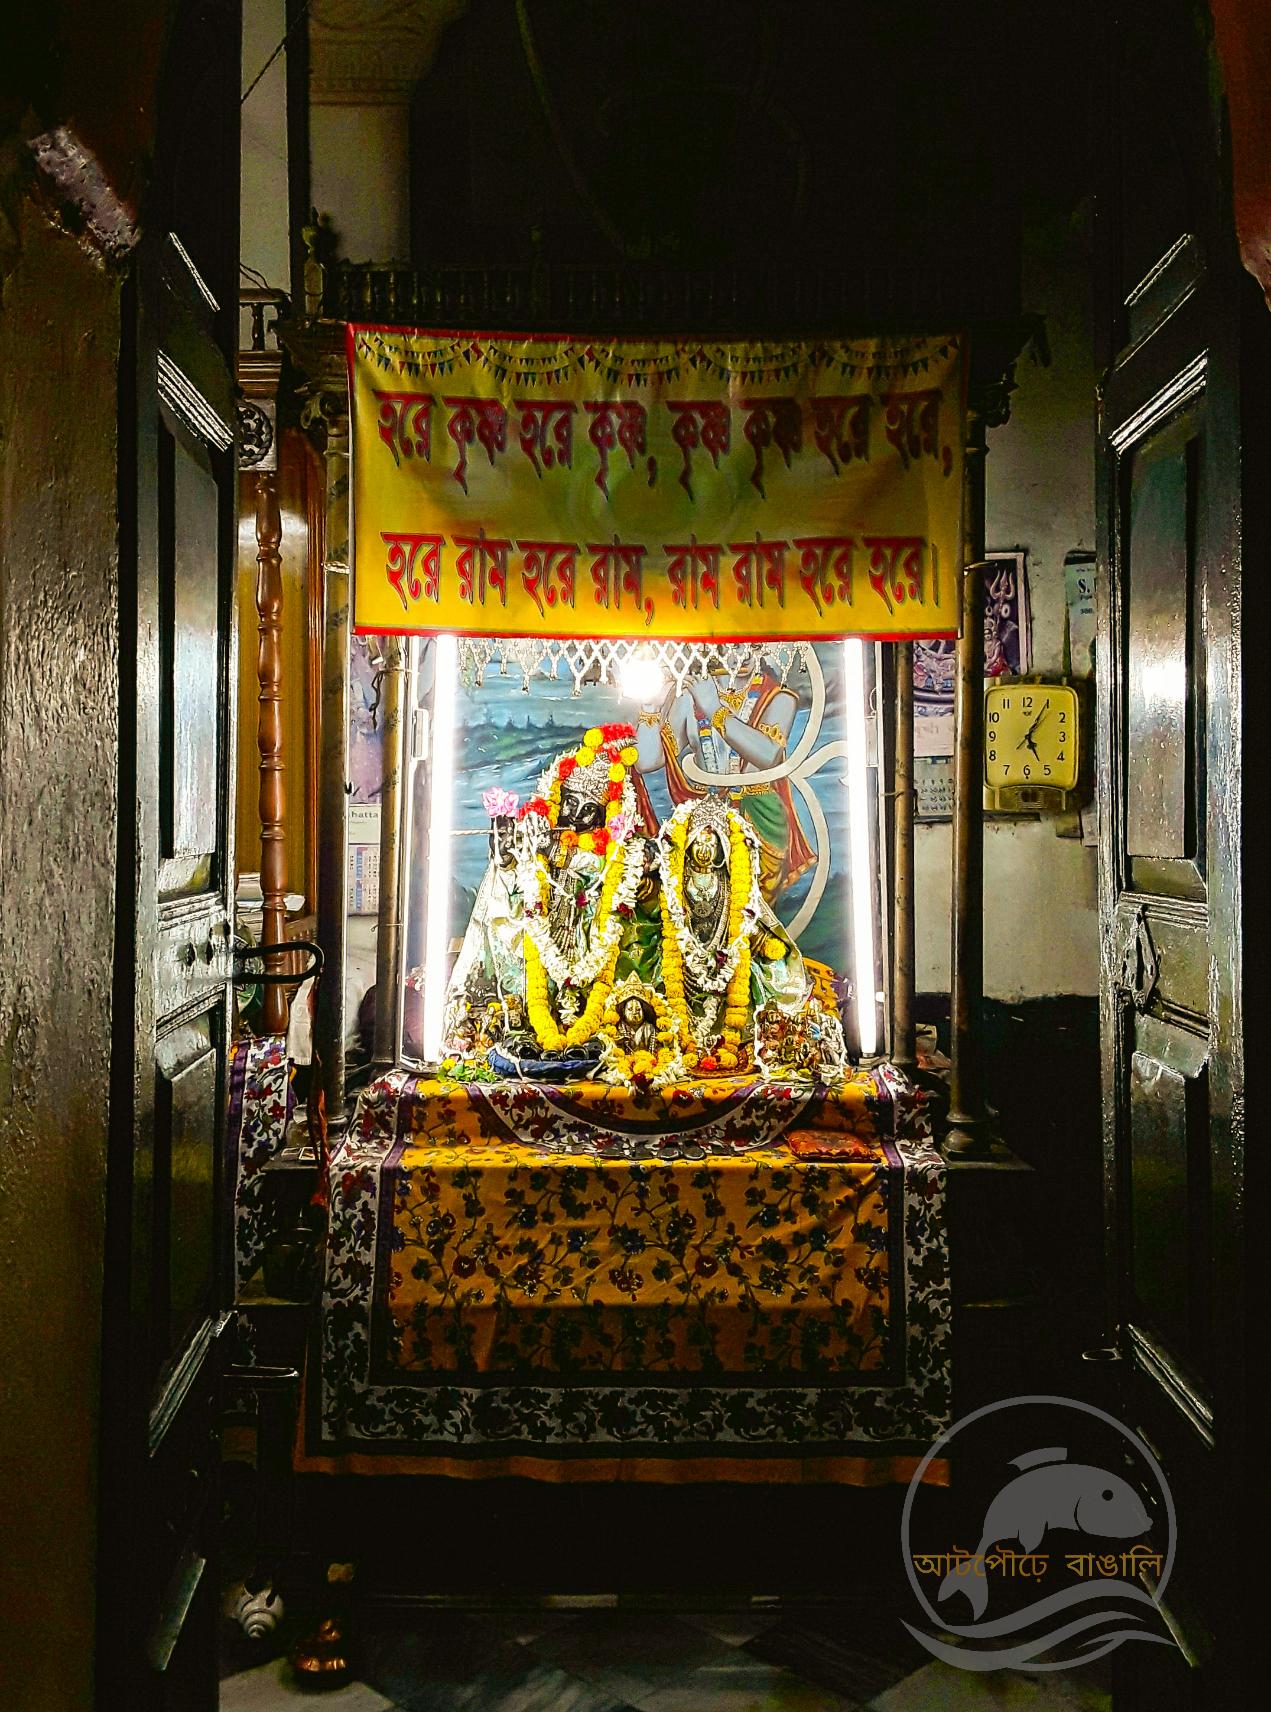 বাওয়ালীর মণ্ডলদের প্রতিষ্ঠিত বড় রাসবাড়ির রাধা-মদনমোহন বিগ্রহ